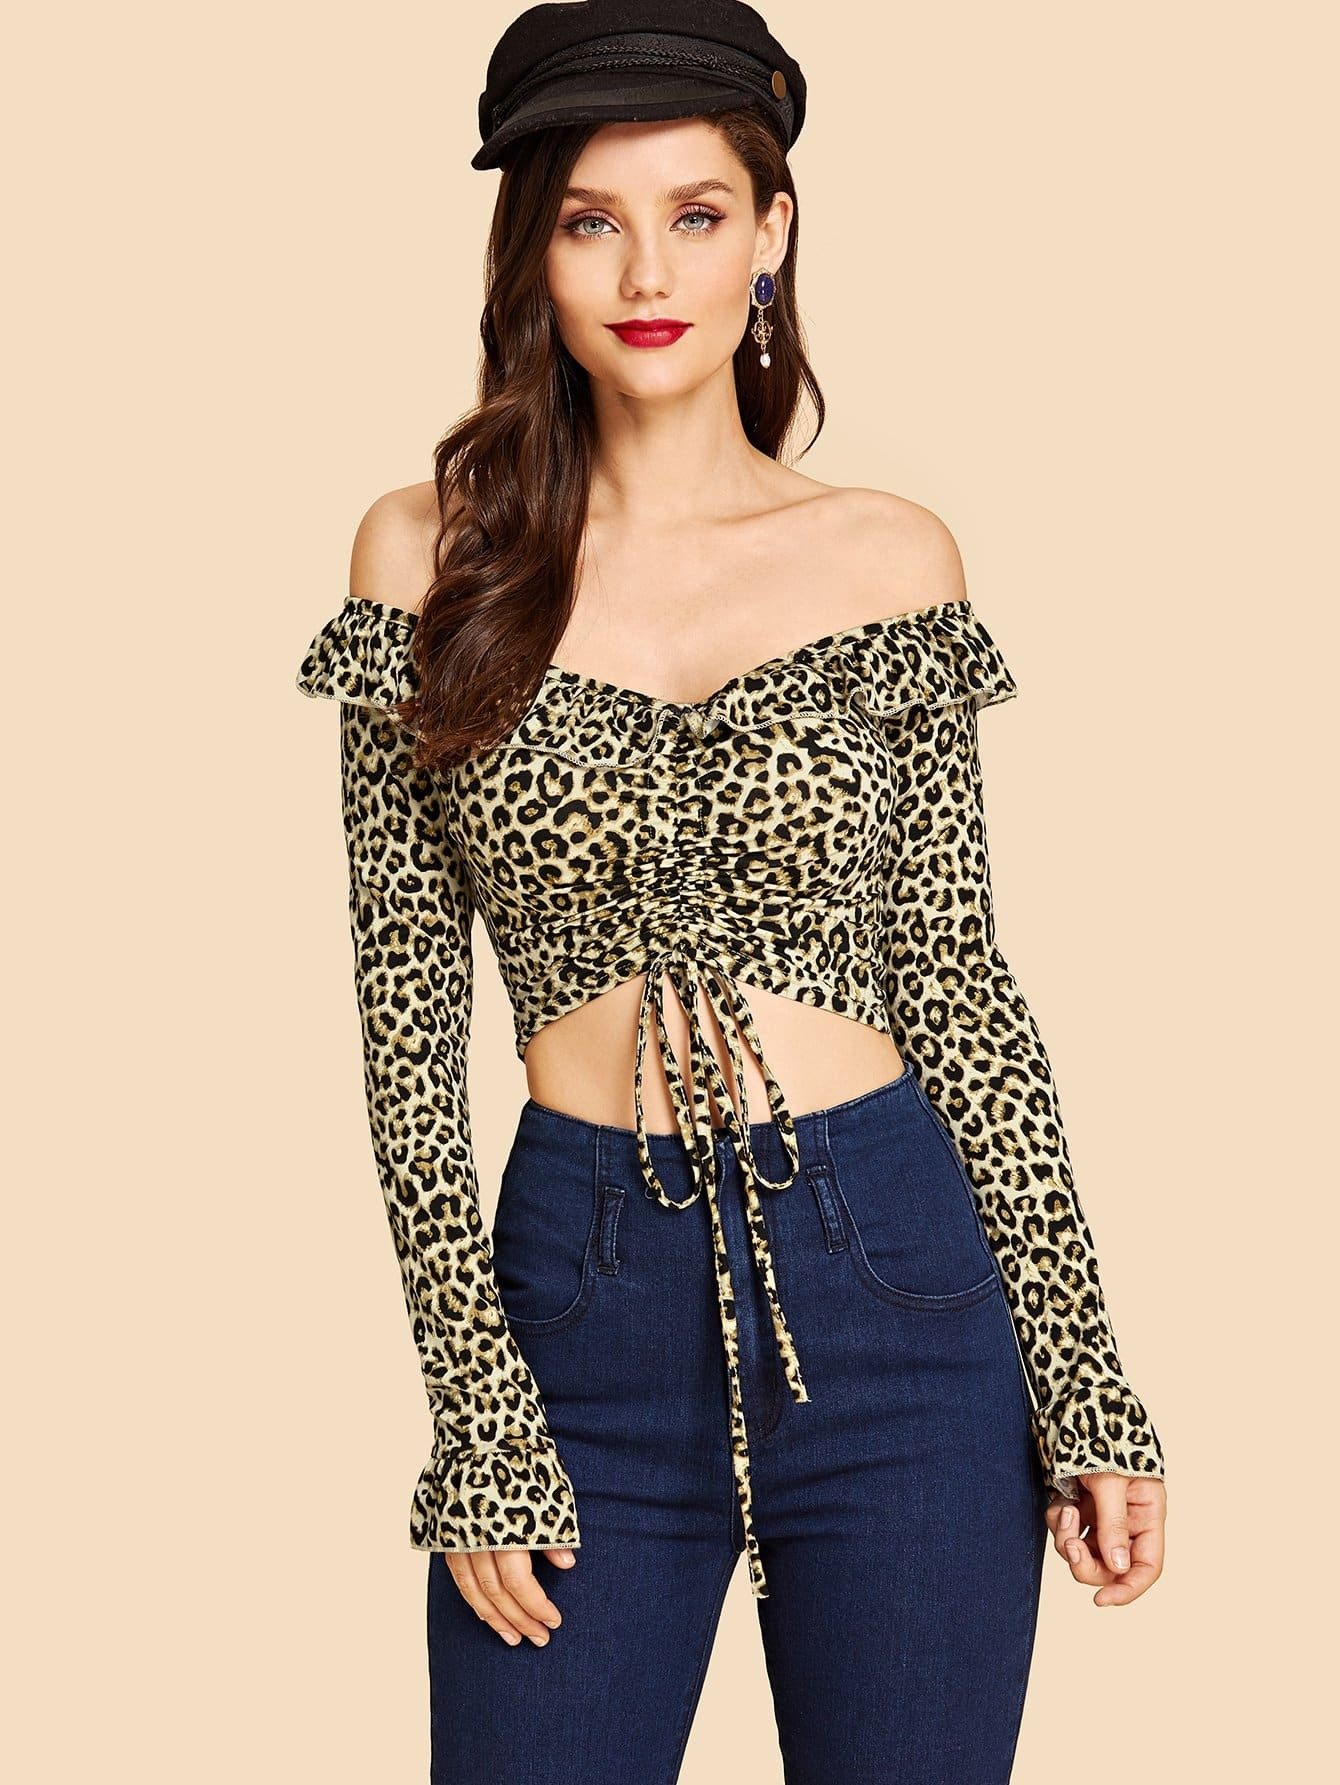 Купить Леопардовая футболка с открытыми плечами, Julie H., SheIn